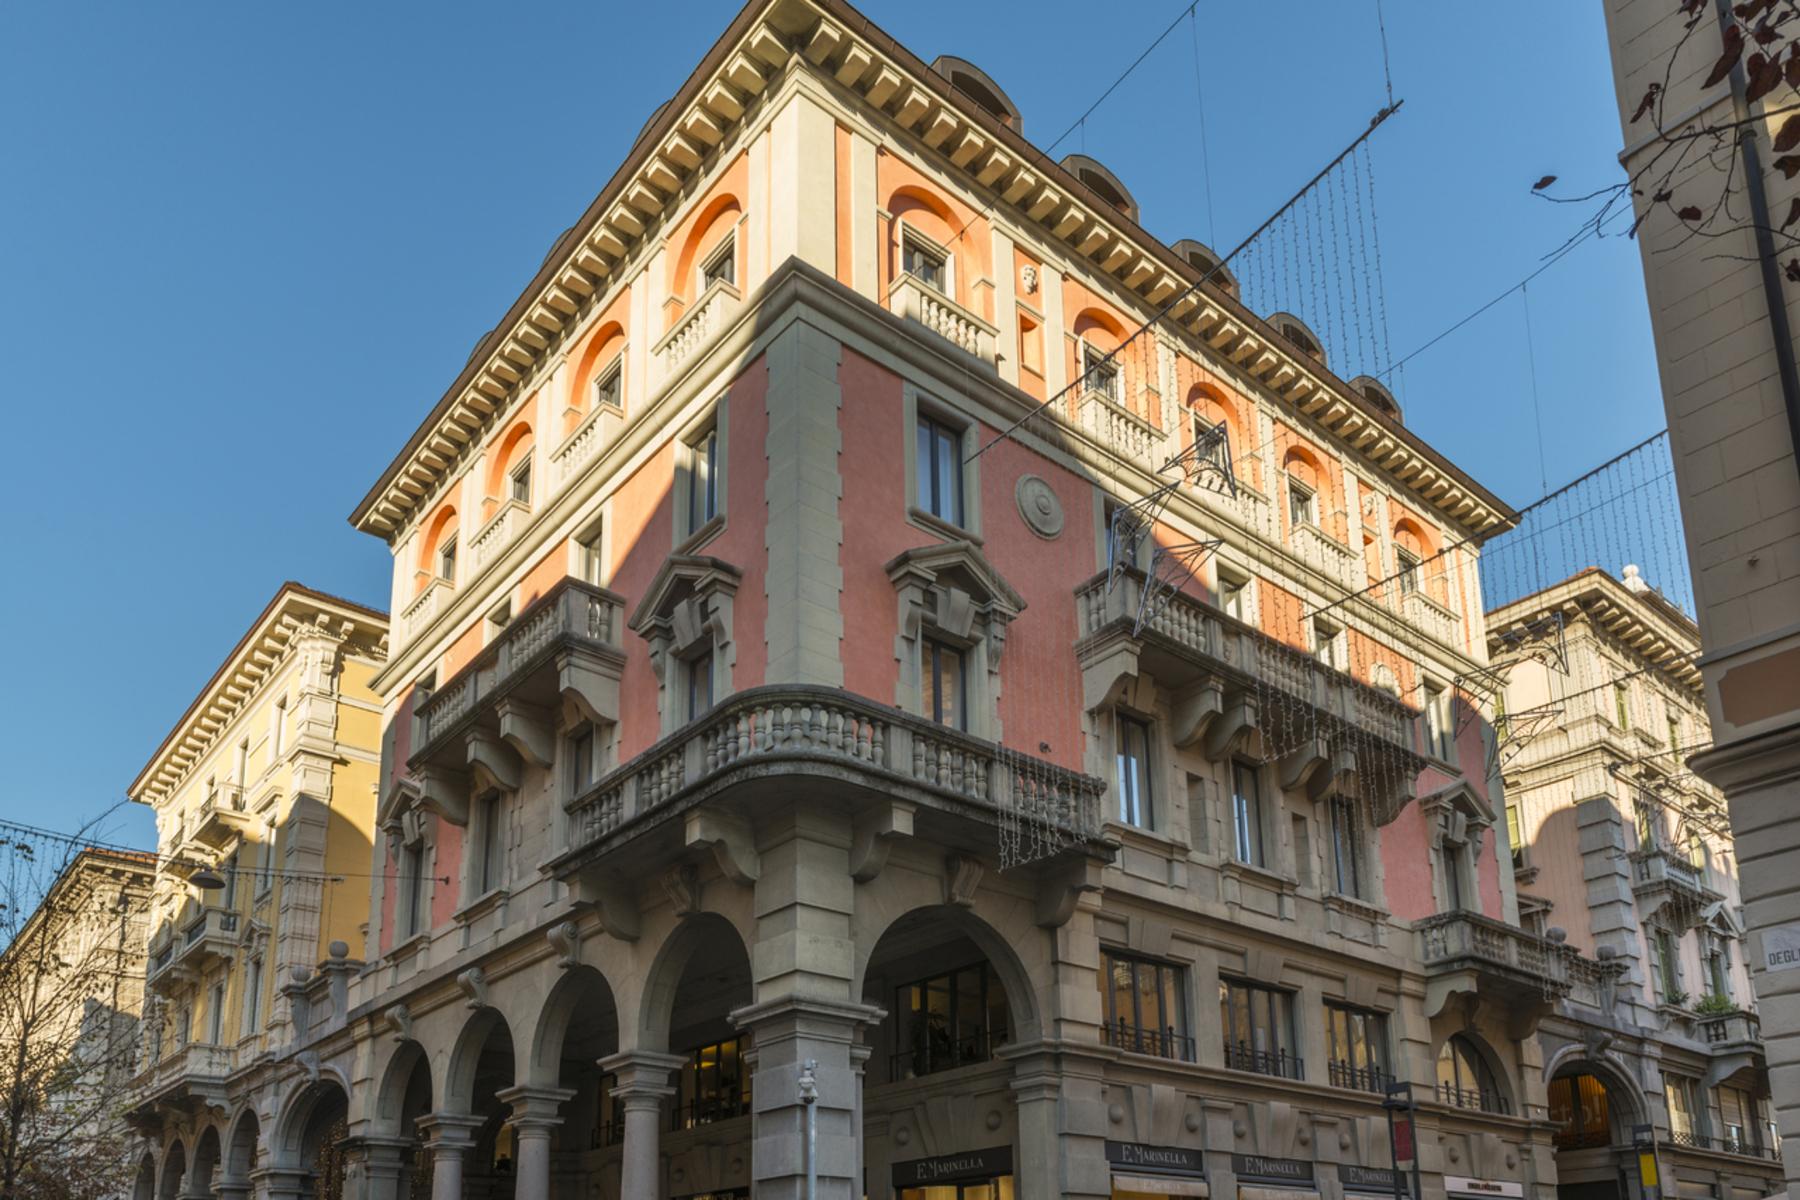 Appartement pour l Vente à Prestigious apartment located in a historical building Lugano, Lugano, Ticino, 6900 Suisse